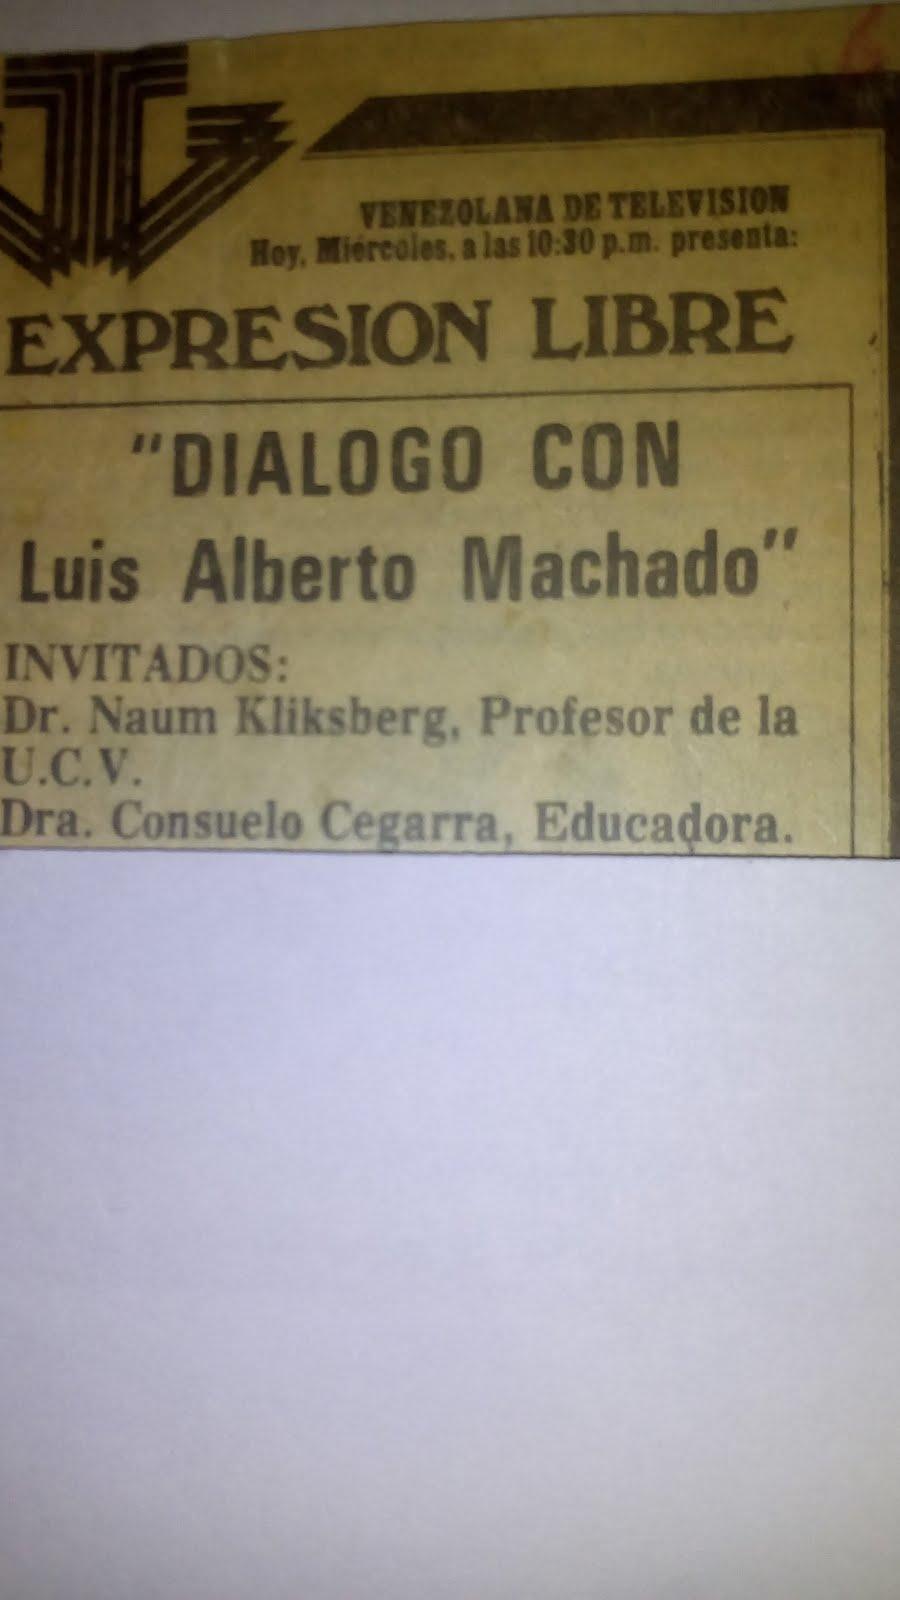 30 - Periódico EL NACIONAL, VENEZUELA. 07/03/1979. ANUNCIANDO UN PROGRAMA DE TV EN EL